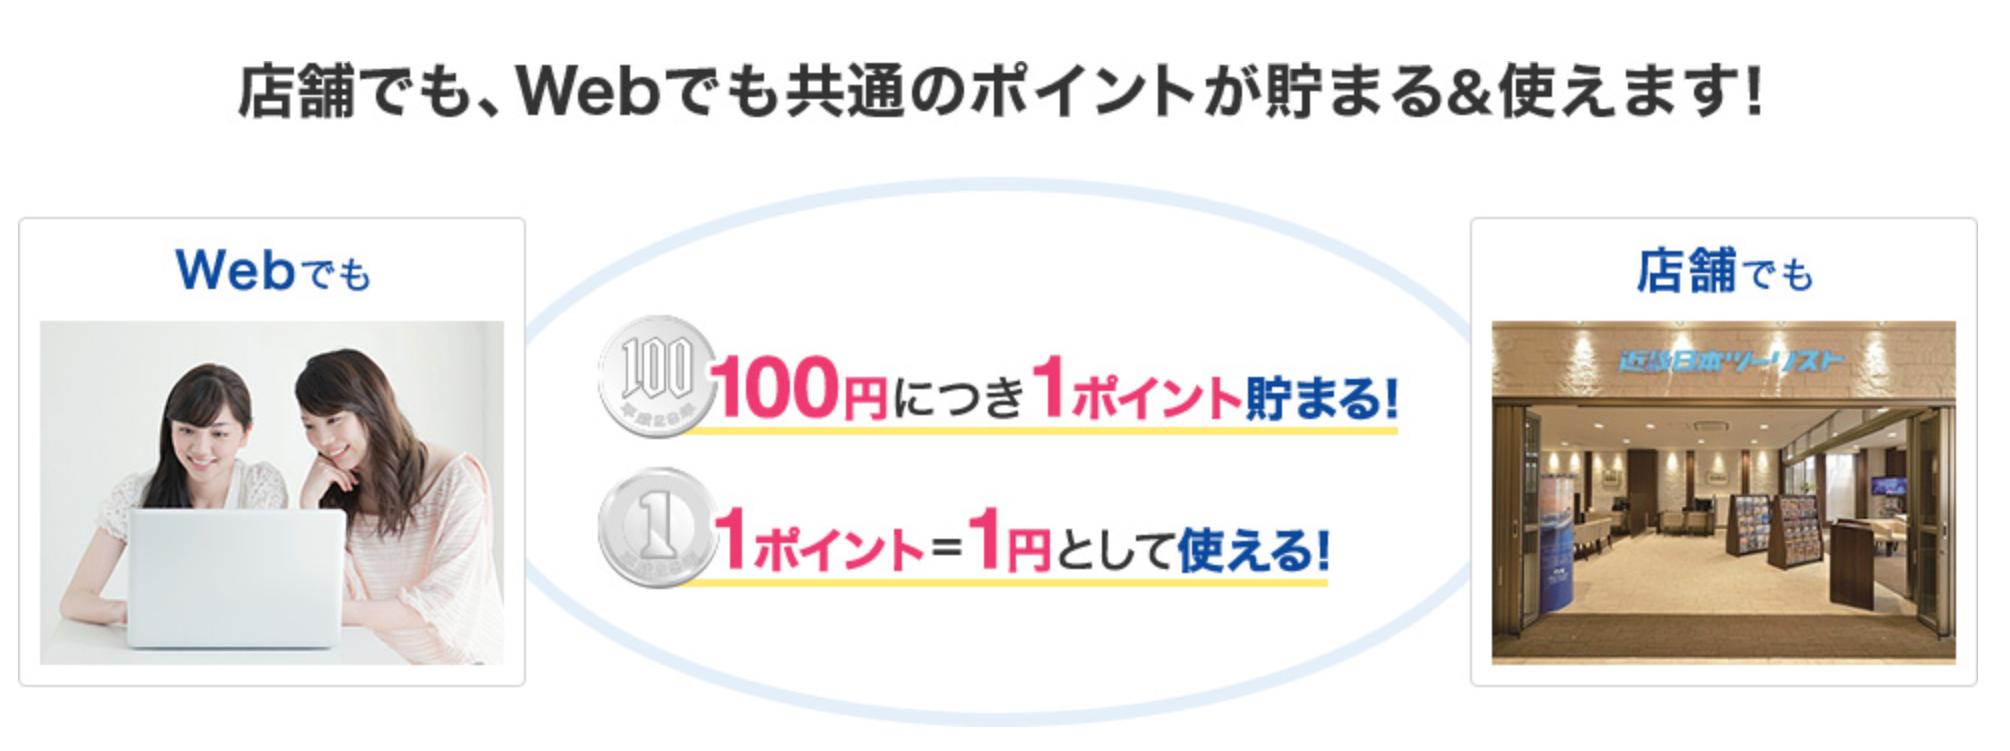 近畿日本ツーリストのポイント制度のトップページ